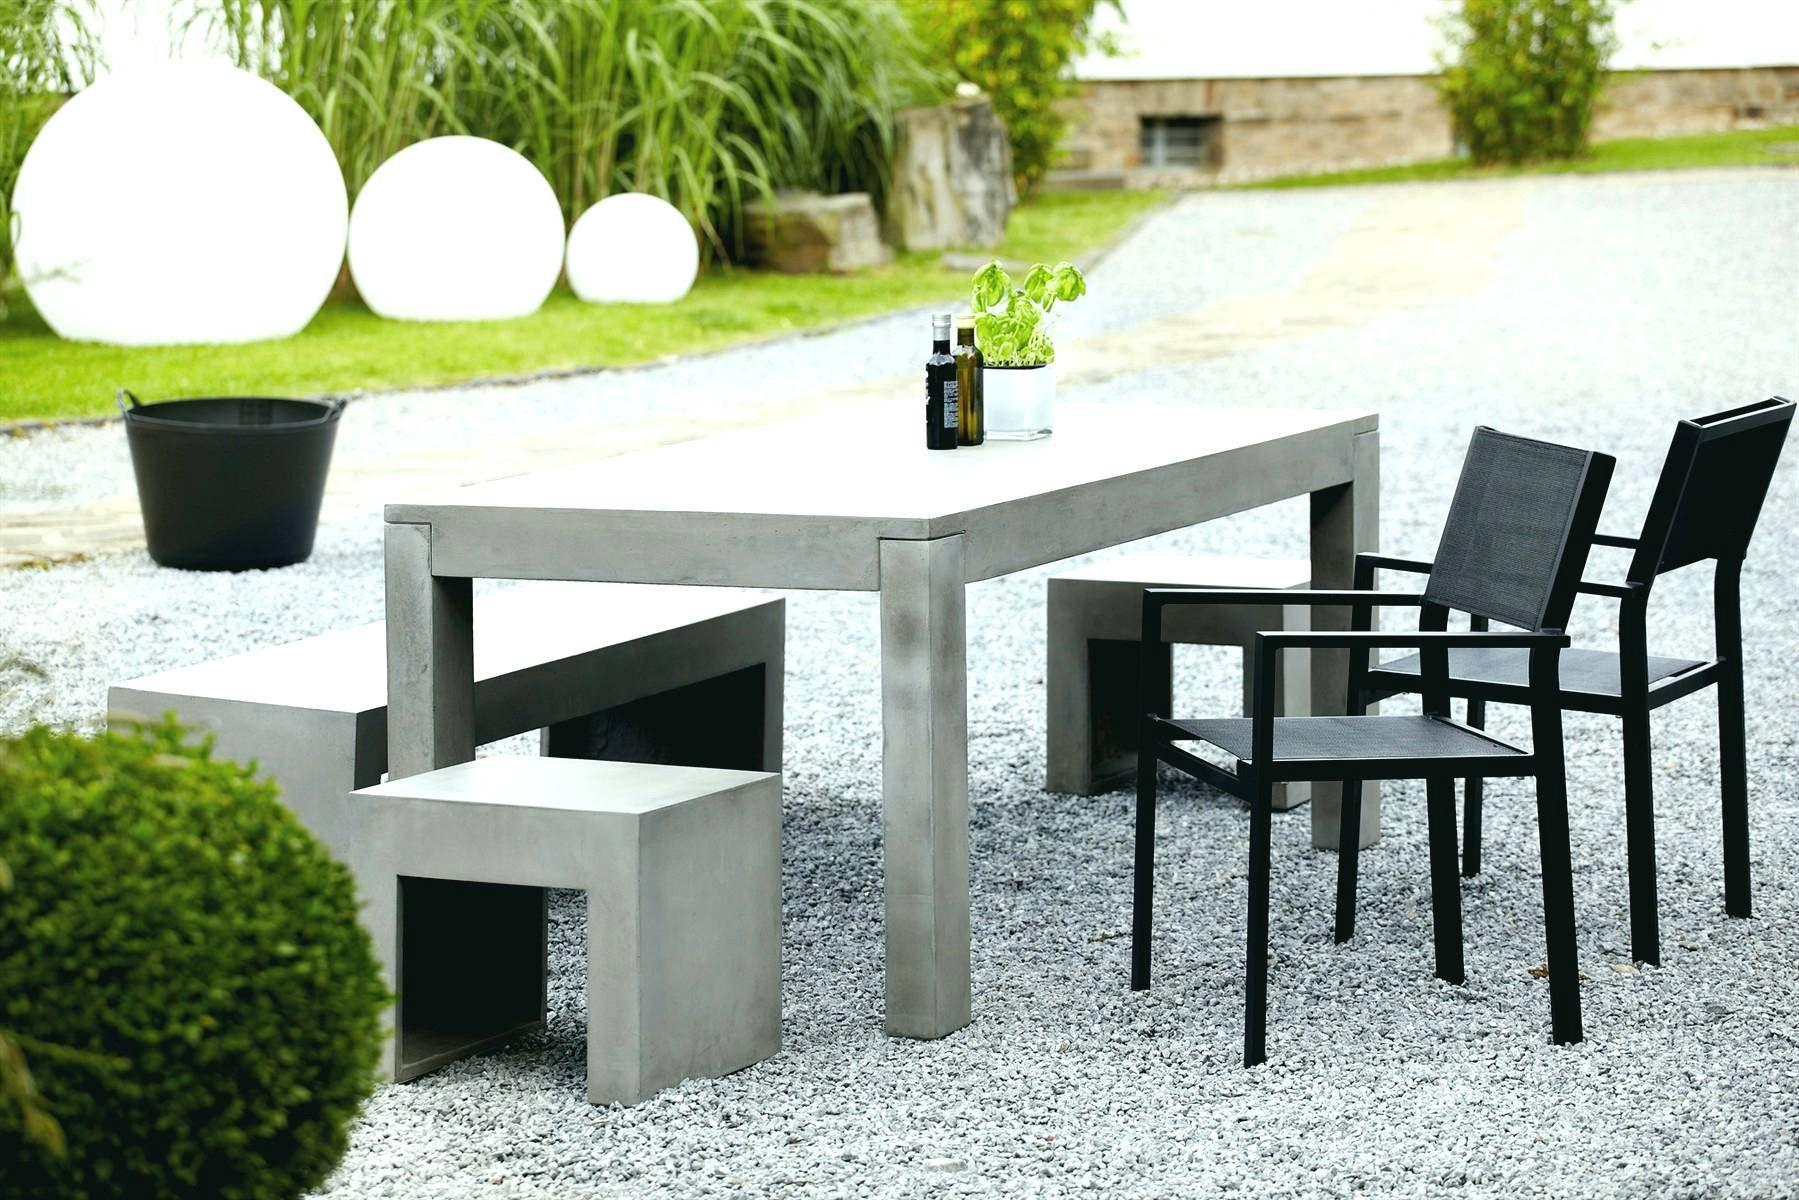 Ideen Garten Schön Terrassen Tisch Und Stühle Beton Tisch Garten Ideen